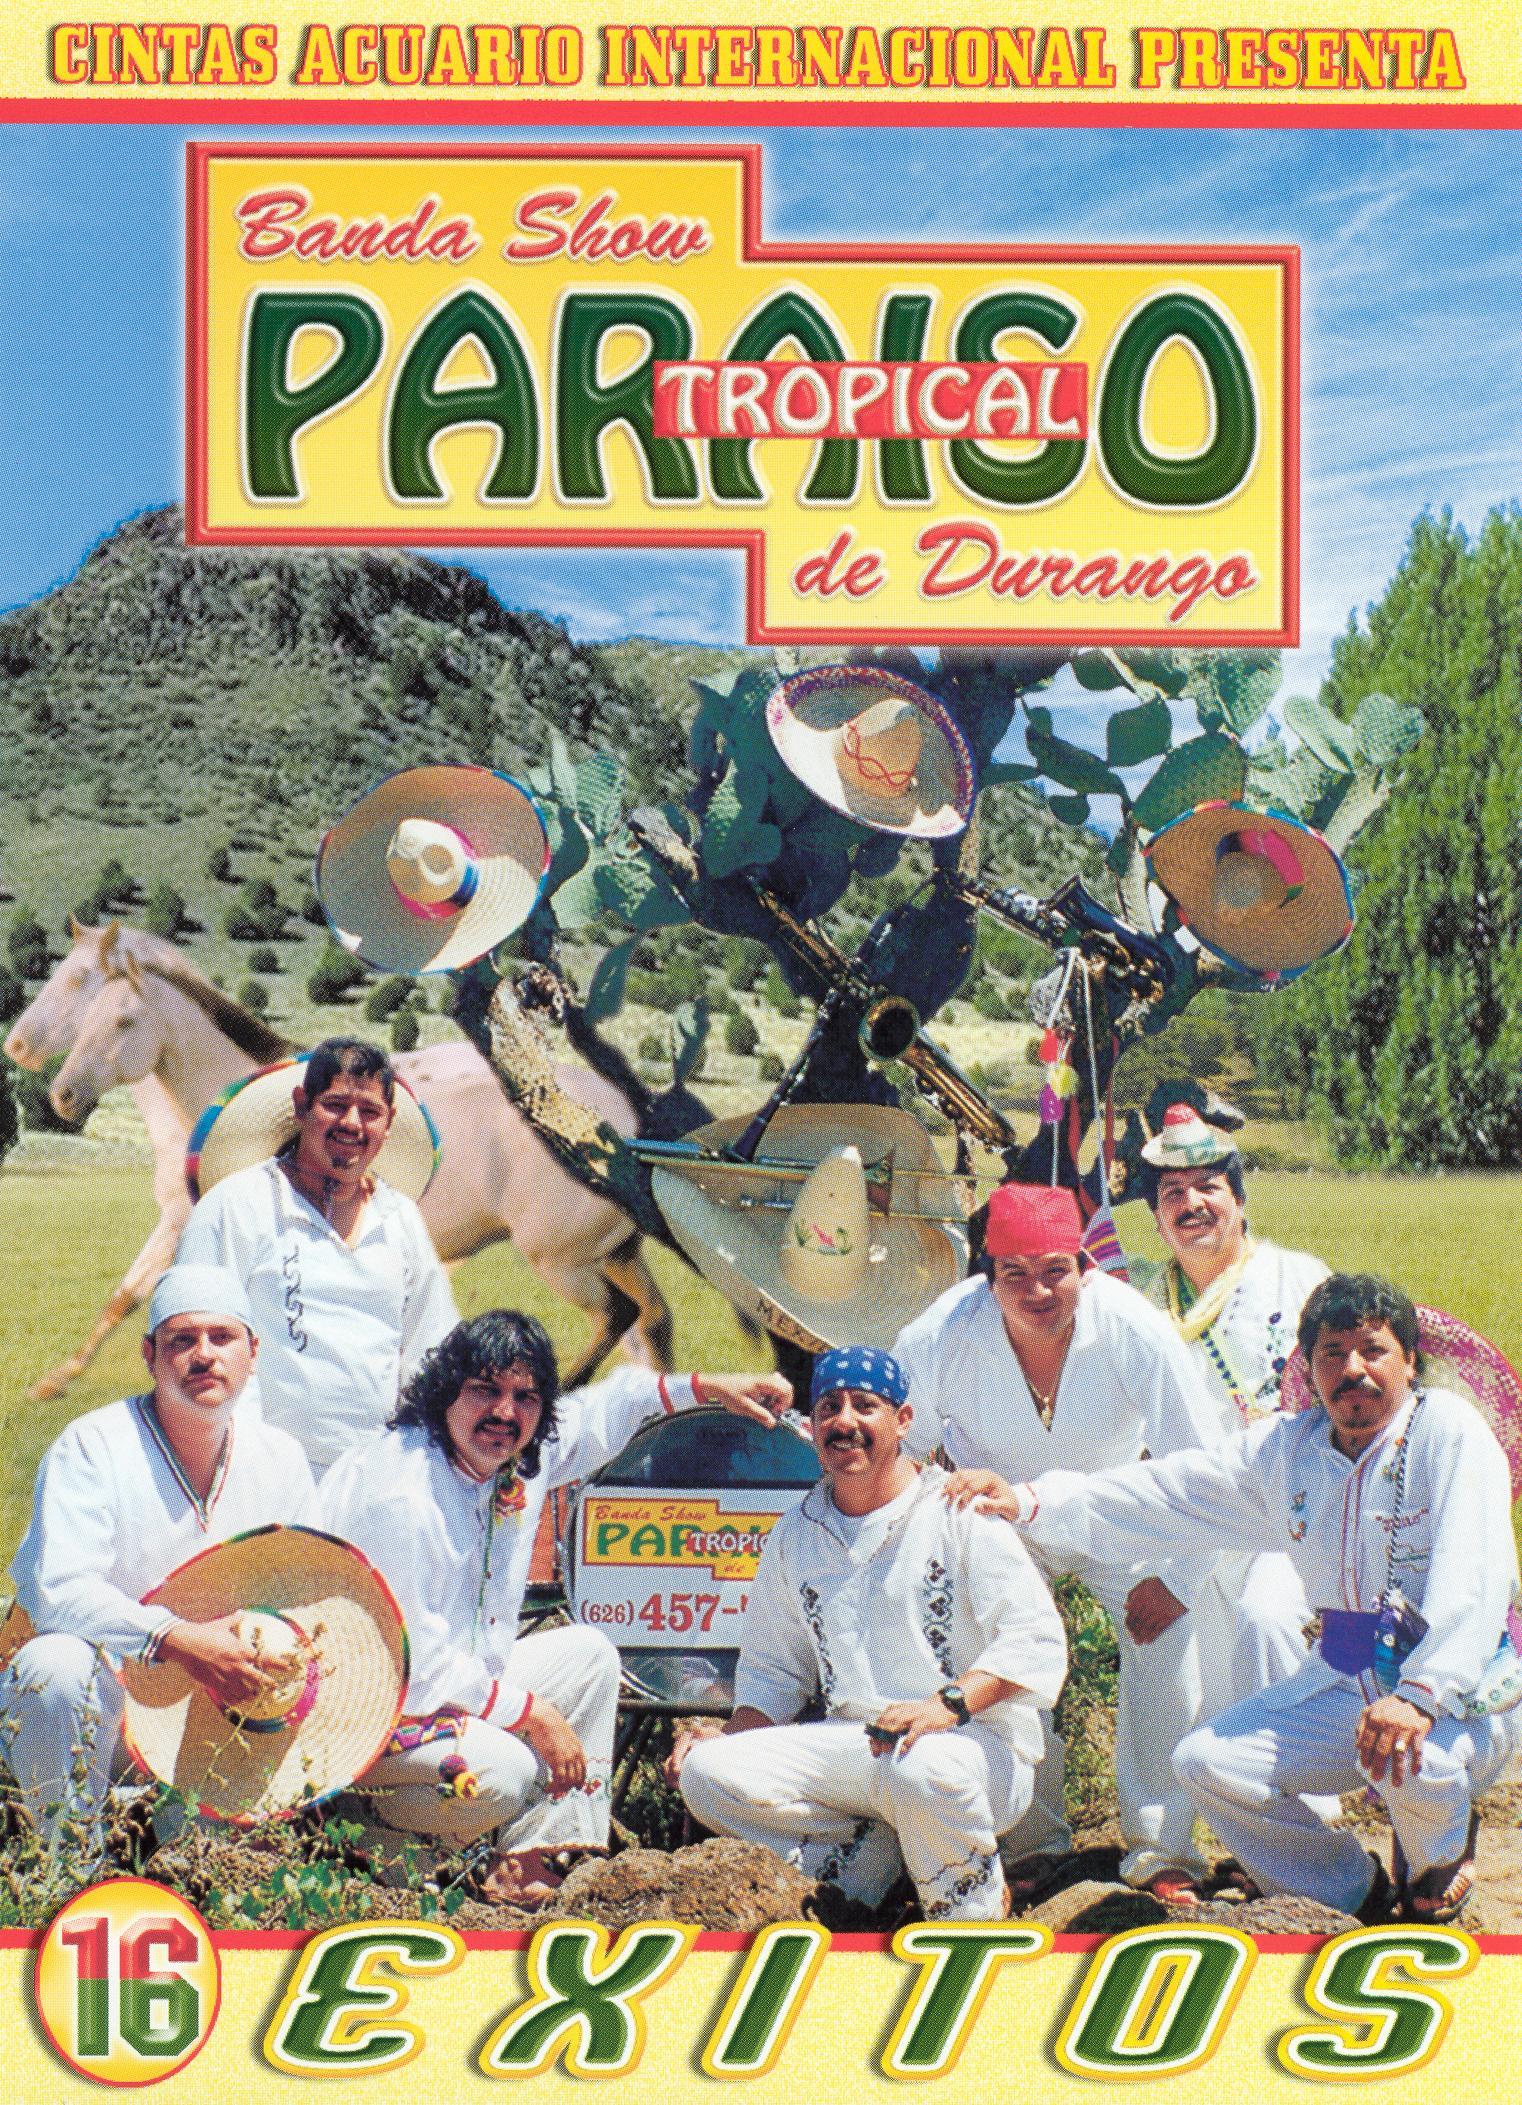 Banda Show Paraiso Tropical De Durango: 16 Exitos